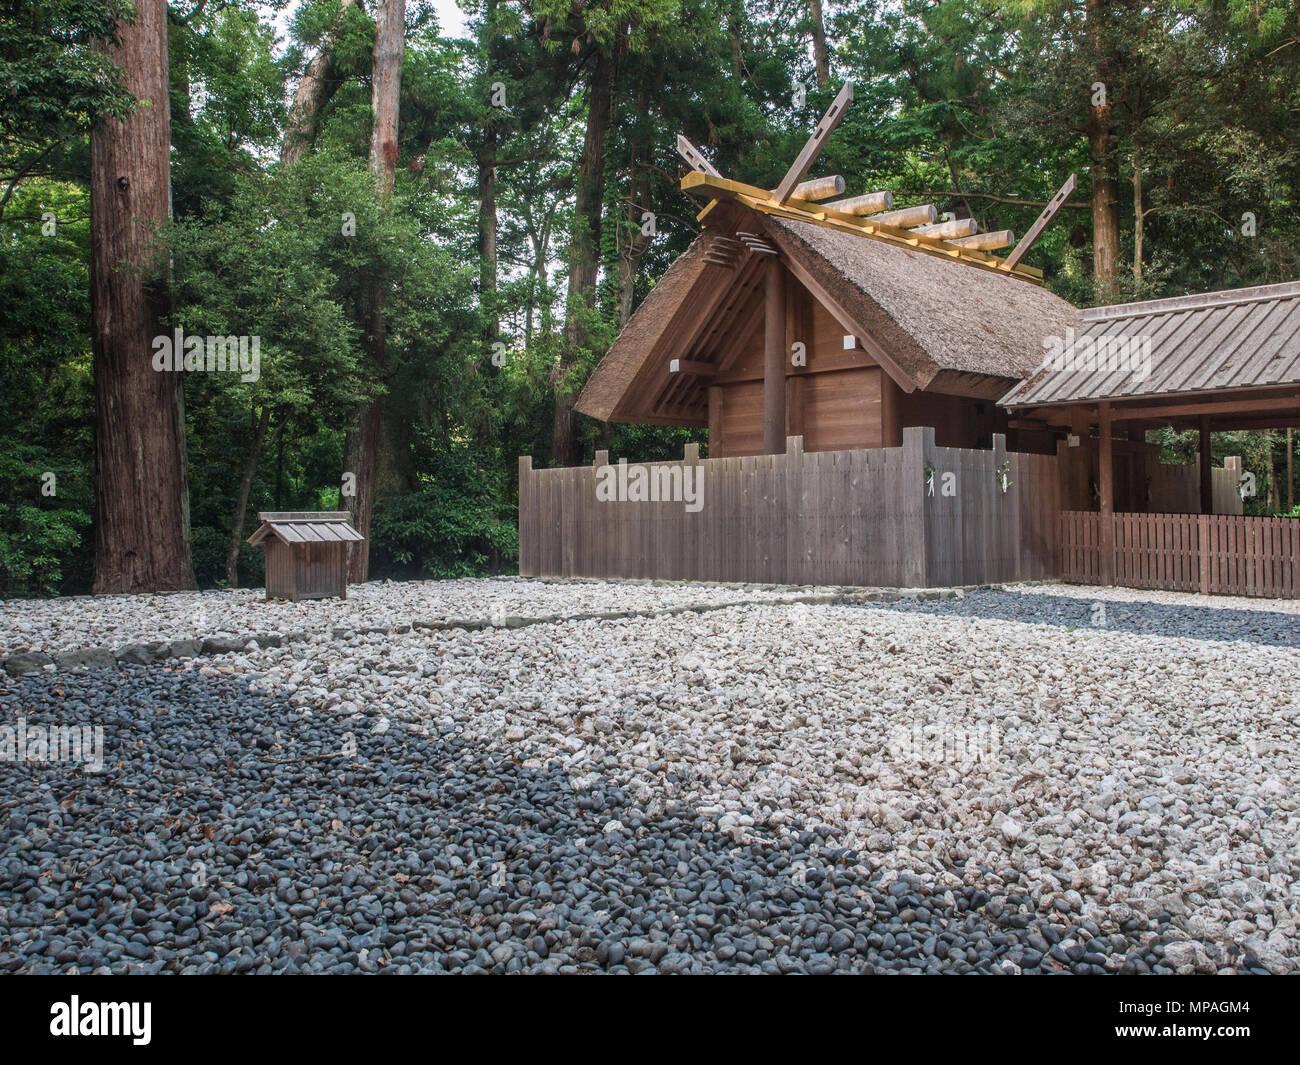 Kaze-no-miya subordinate shrine with oi-ya hut in kodenchi area, Geku, Ise Jingu, Mie, Japan - Stock Image